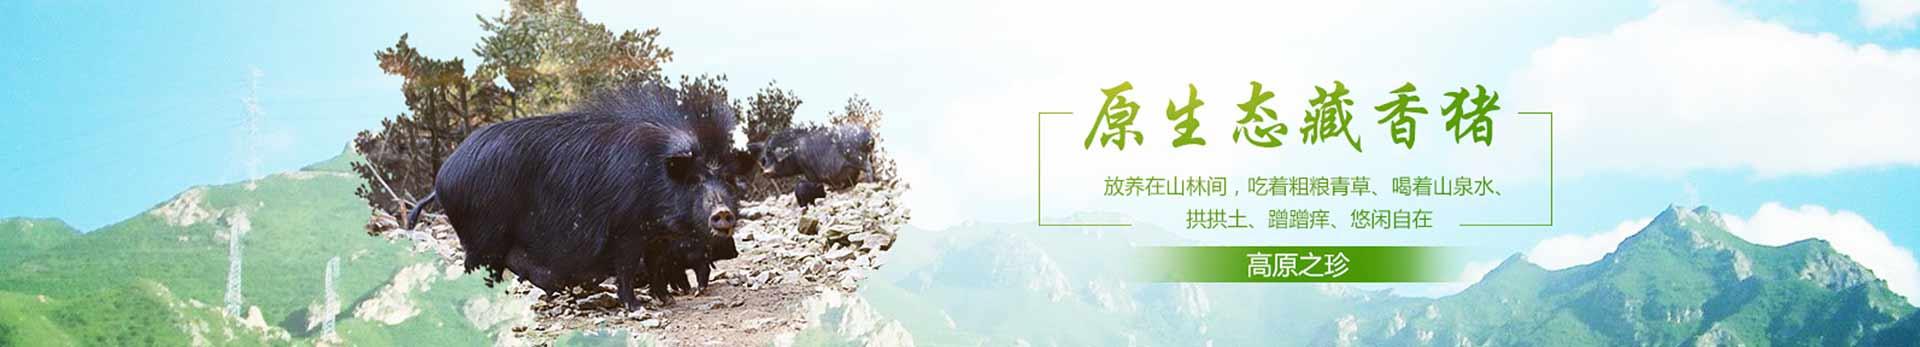 【藏香猪养殖基地】哪里有藏香猪养殖基地?